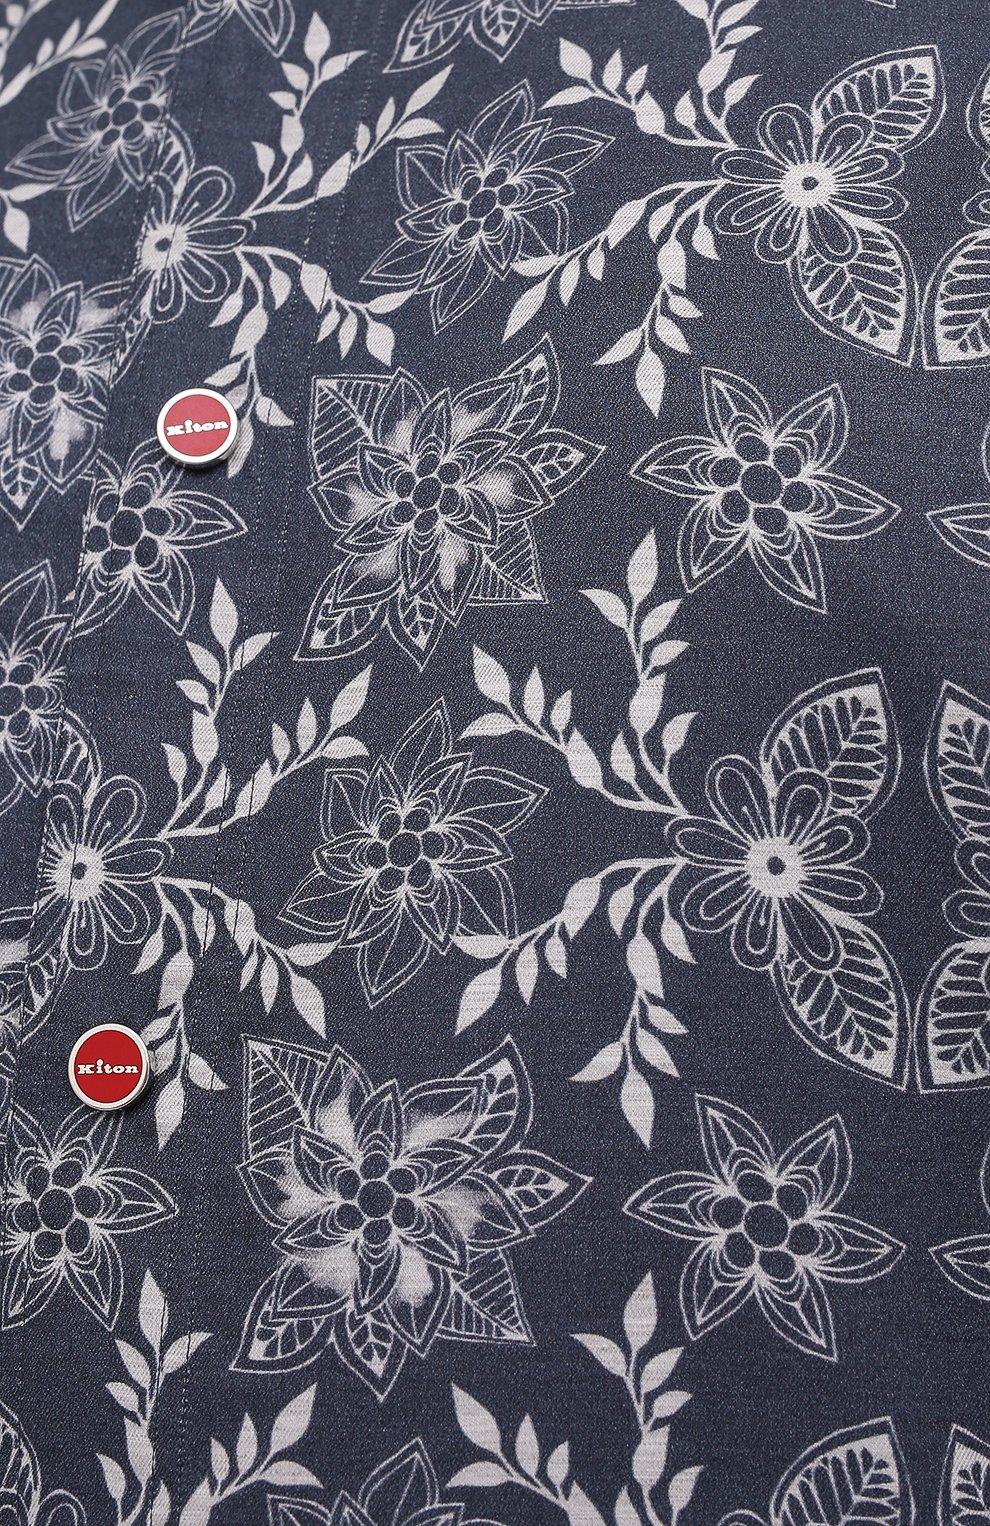 Мужская хлопковая рубашка KITON синего цвета, арт. UMCMARH0784101/47-50   Фото 5 (Воротник: С капюшоном; Рукава: Длинные; Манжеты: На кнопках; Случай: Повседневный; Длина (для топов): Стандартные; Принт: С принтом; Материал внешний: Хлопок)